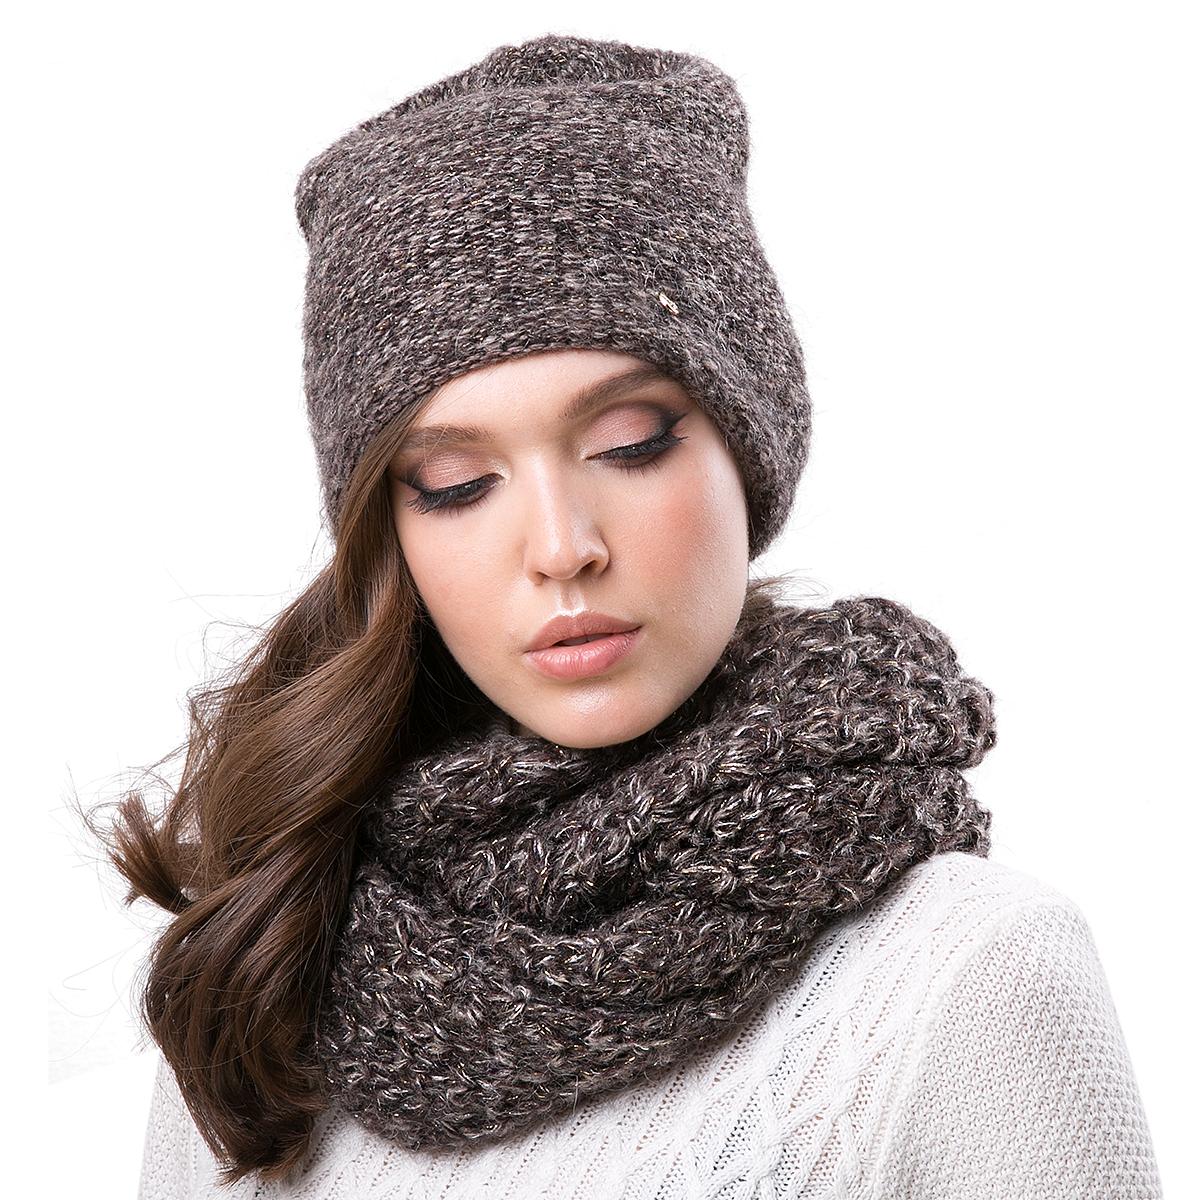 Шапка женская Dispacci, цвет: темно-бежевый. 21204IR. Размер 56/5821204IRСтильная женская шапка-колпак Dispacci, изготовлена из пряжи с высоким содержанием мохера и шерсти исключительно мягкая, комфортная и теплая. Трехцветное мулине и двухцветная люрексовая нить, делает эту модель наиболее эффектной и не забываемой. Практичная форма шапки делает ее очень комфортной, а маленькая аккуратная металлическая пластина с названием бренда подчеркивает ее оригинальность.